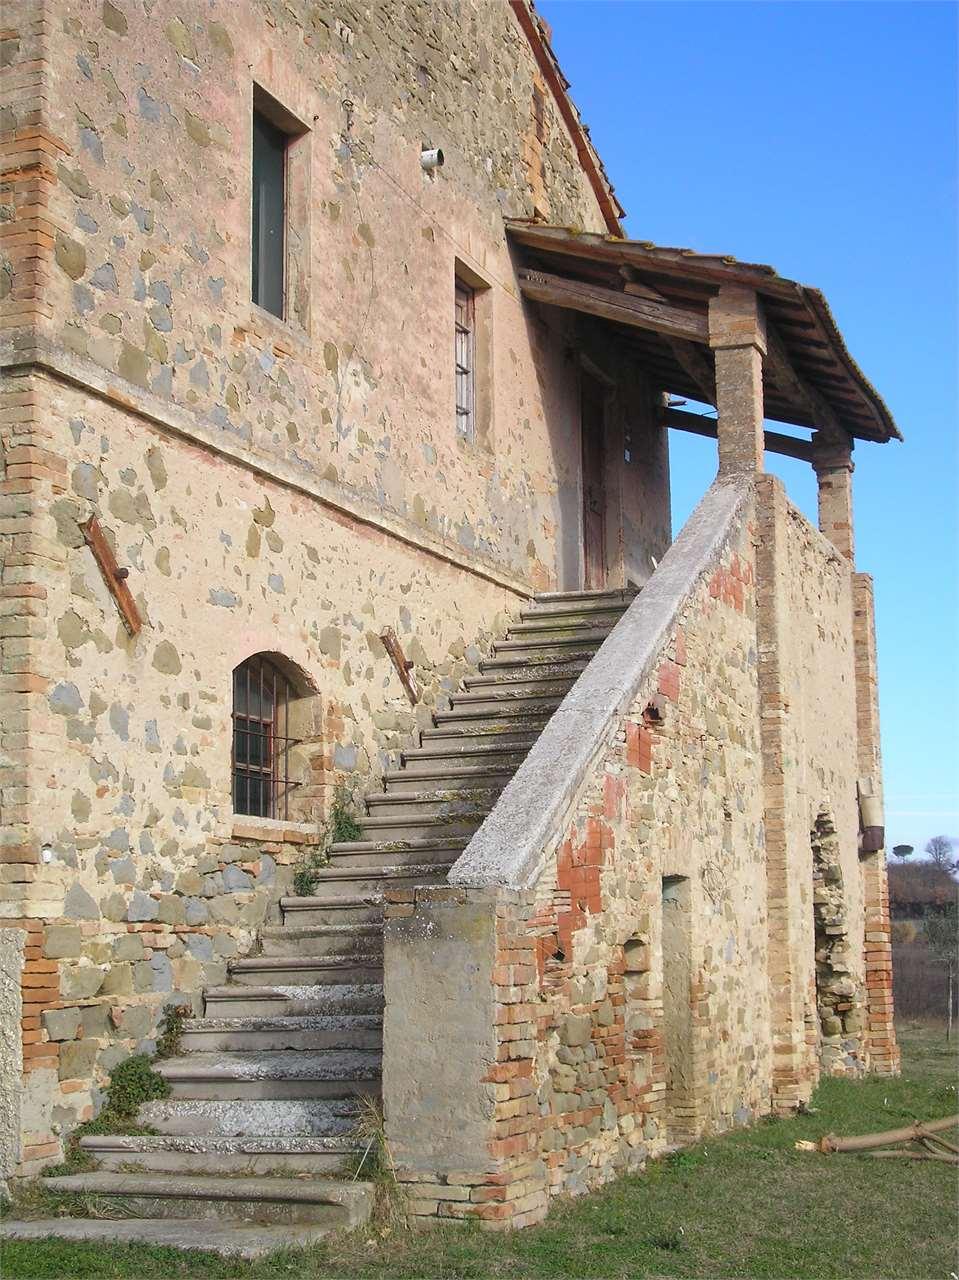 Rustico / Casale in vendita a Torgiano, 10 locali, zona Zona: Brufa, prezzo € 490.000 | CambioCasa.it